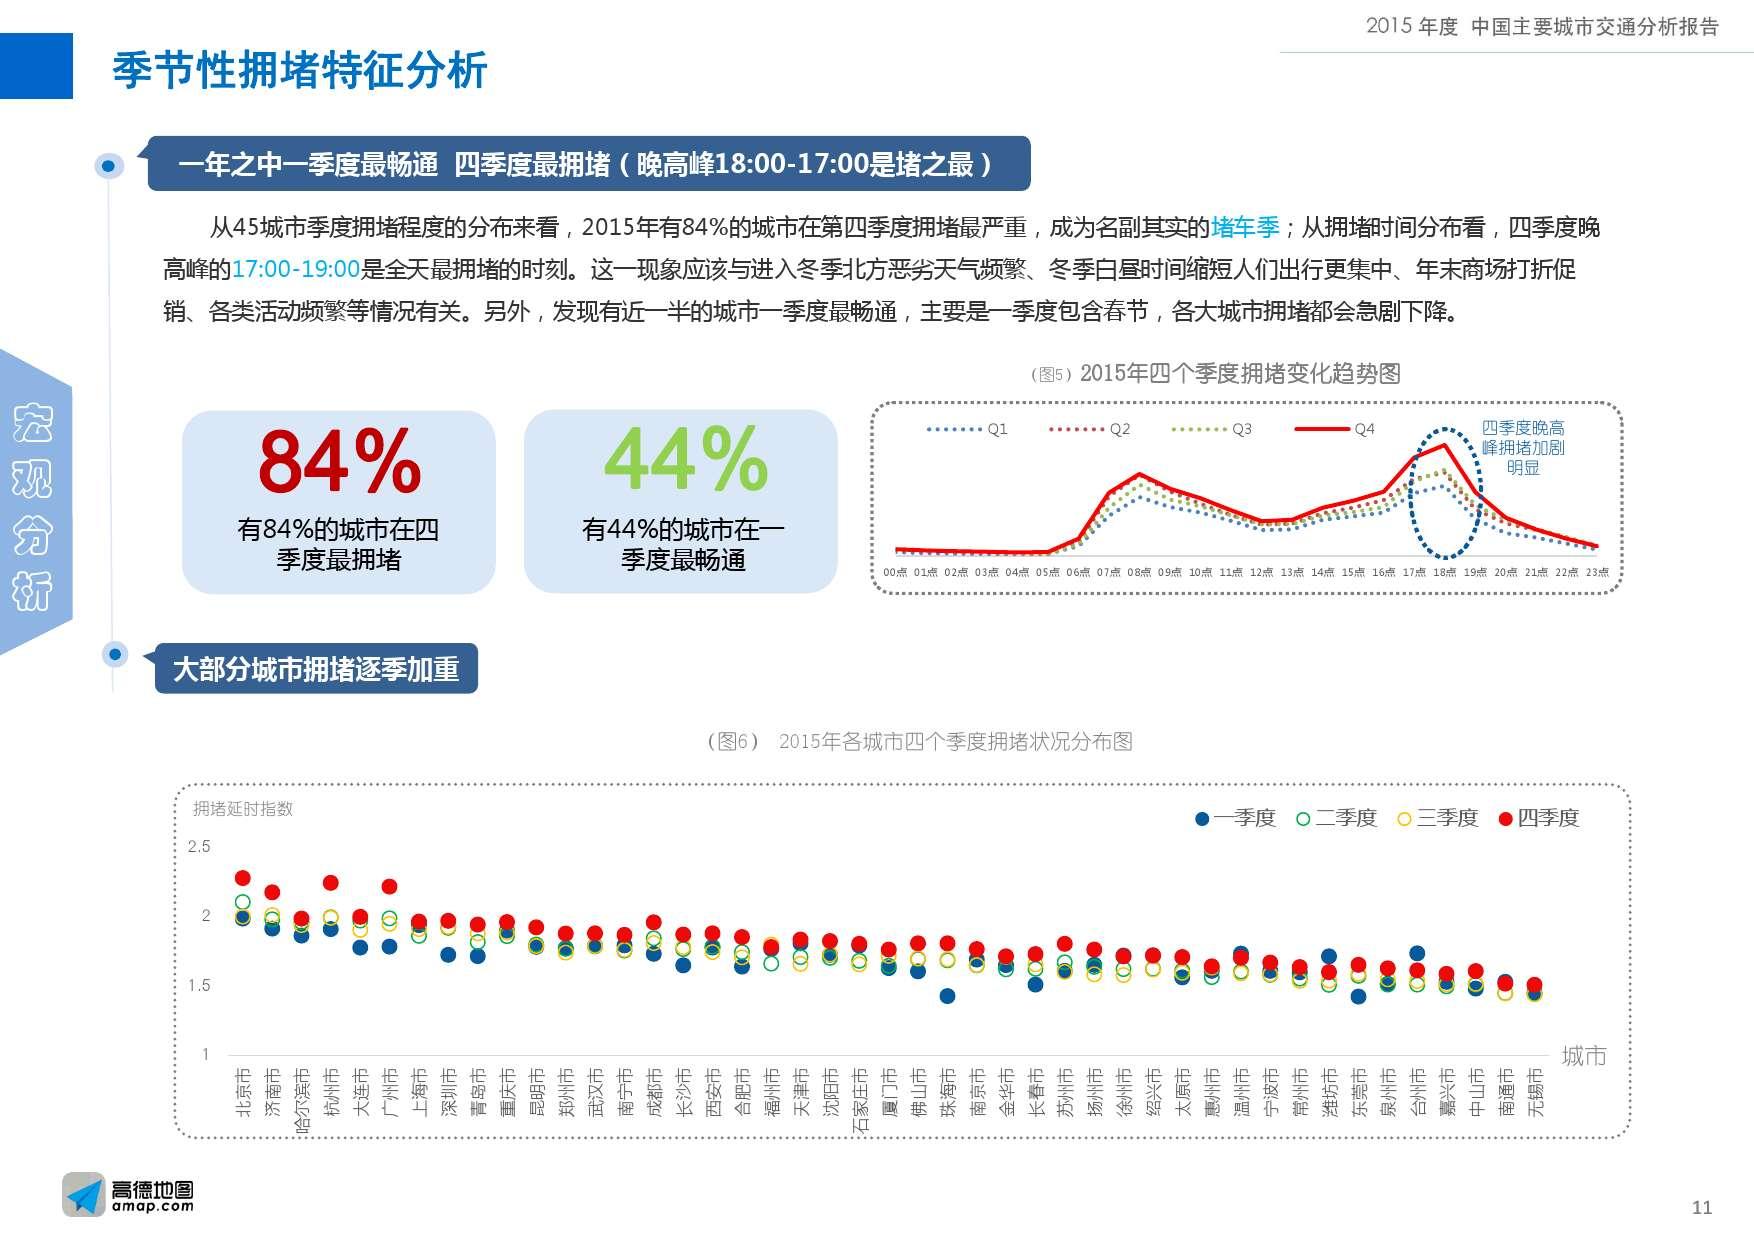 2015年度中国主要城市交通分析报告-final_000011